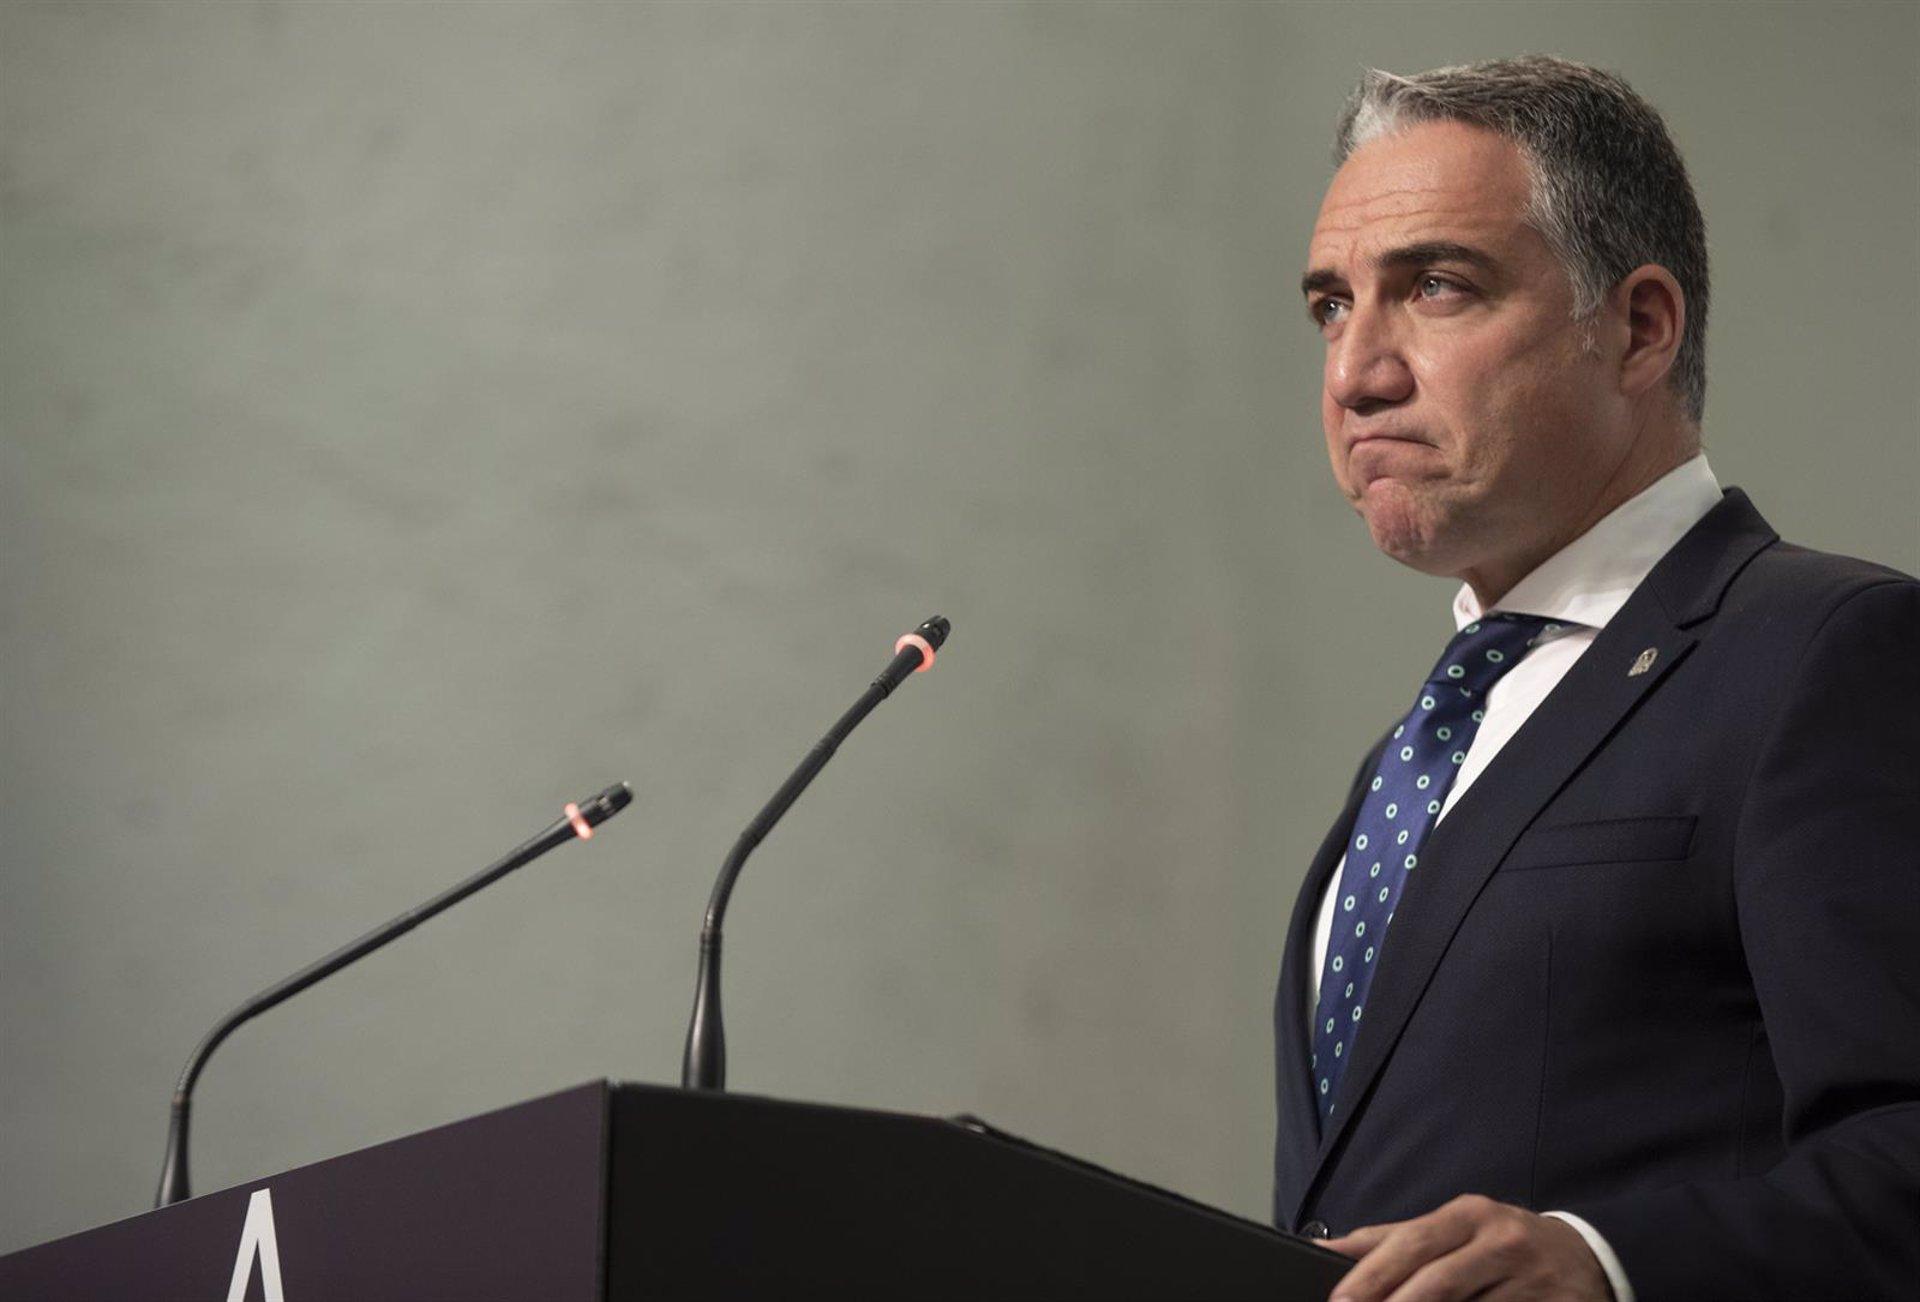 La Junta recurrirá al TS la decisión sobre Montefrío y acusa a Gobierno de «judicializar» la pandemia